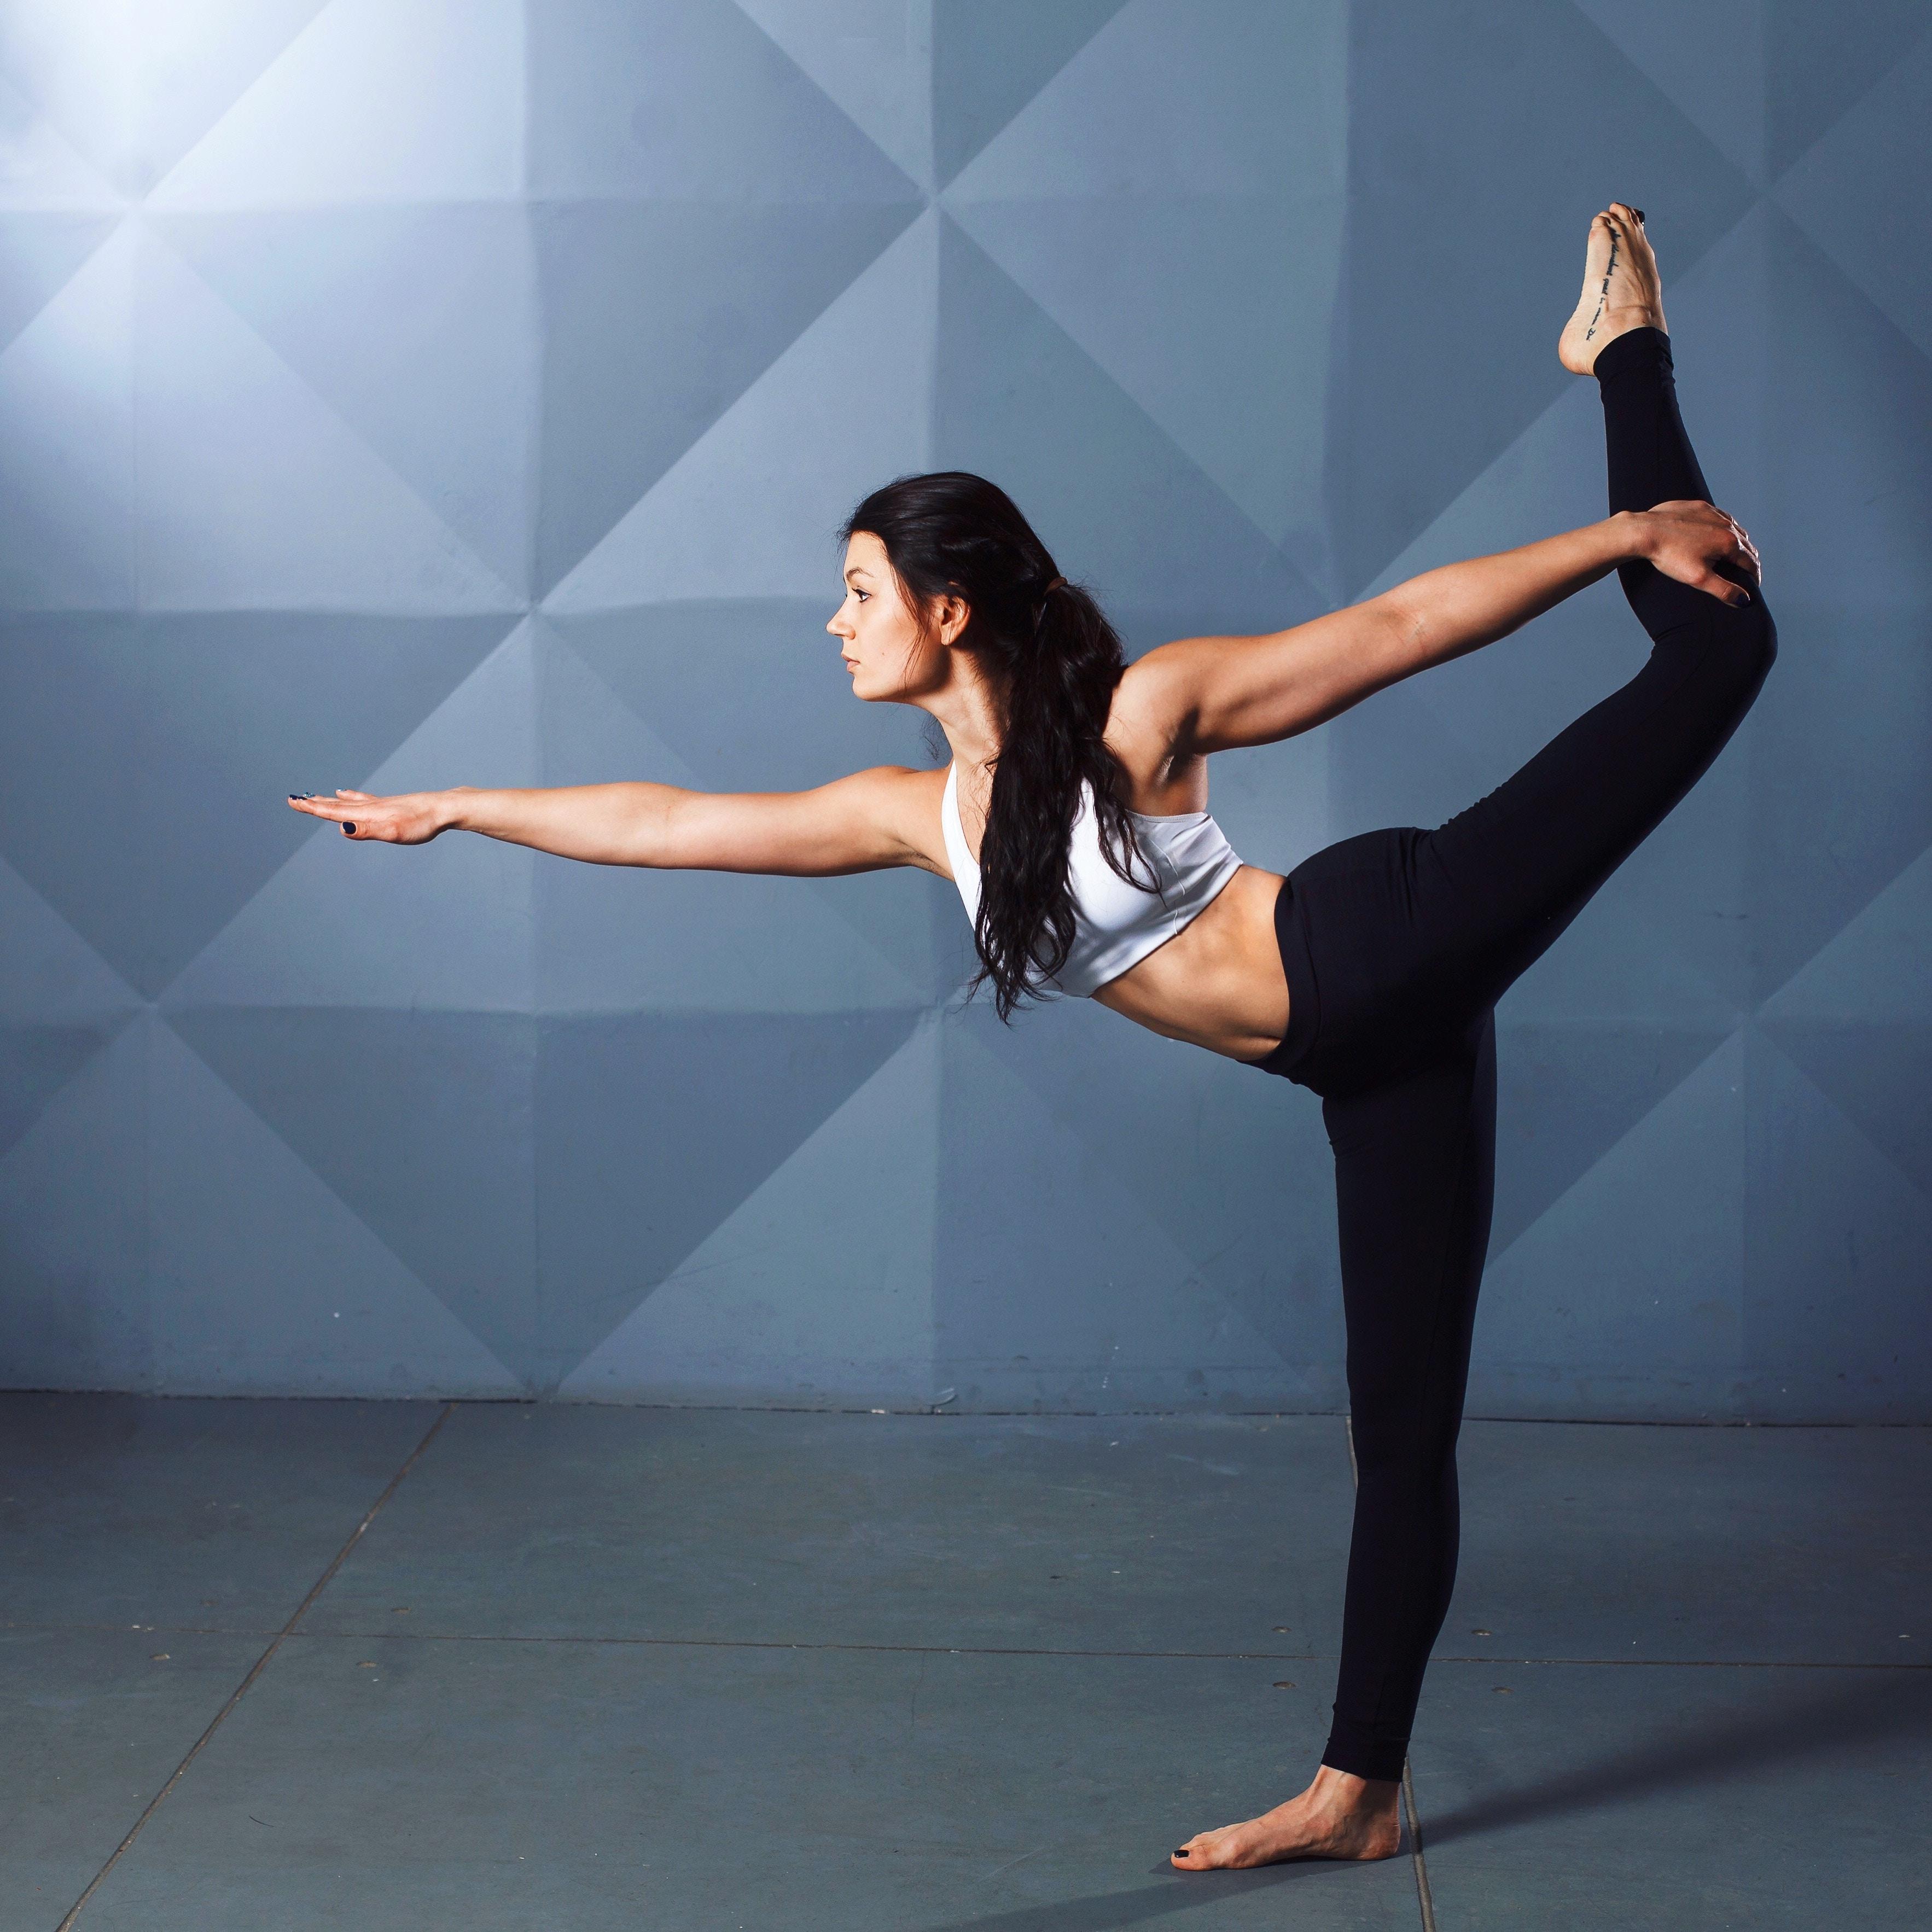 Gimnasia-definición, tipos, ejemplos de ejercicio gimnástico